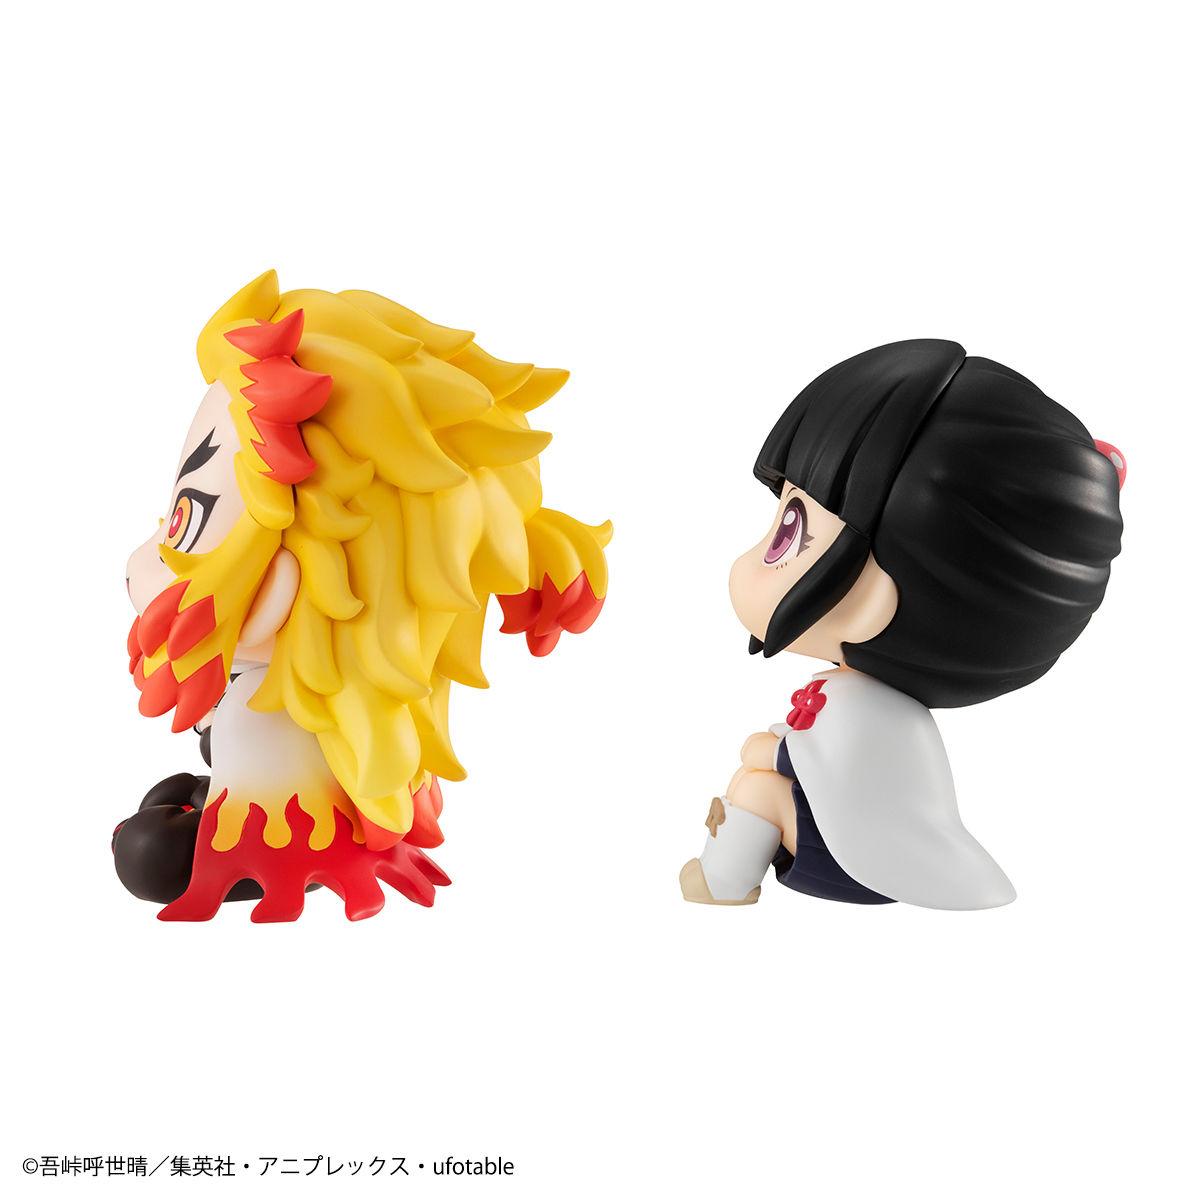 るかっぷ『煉獄杏寿郎』鬼滅の刃 デフォルメ完成品フィギュア-006